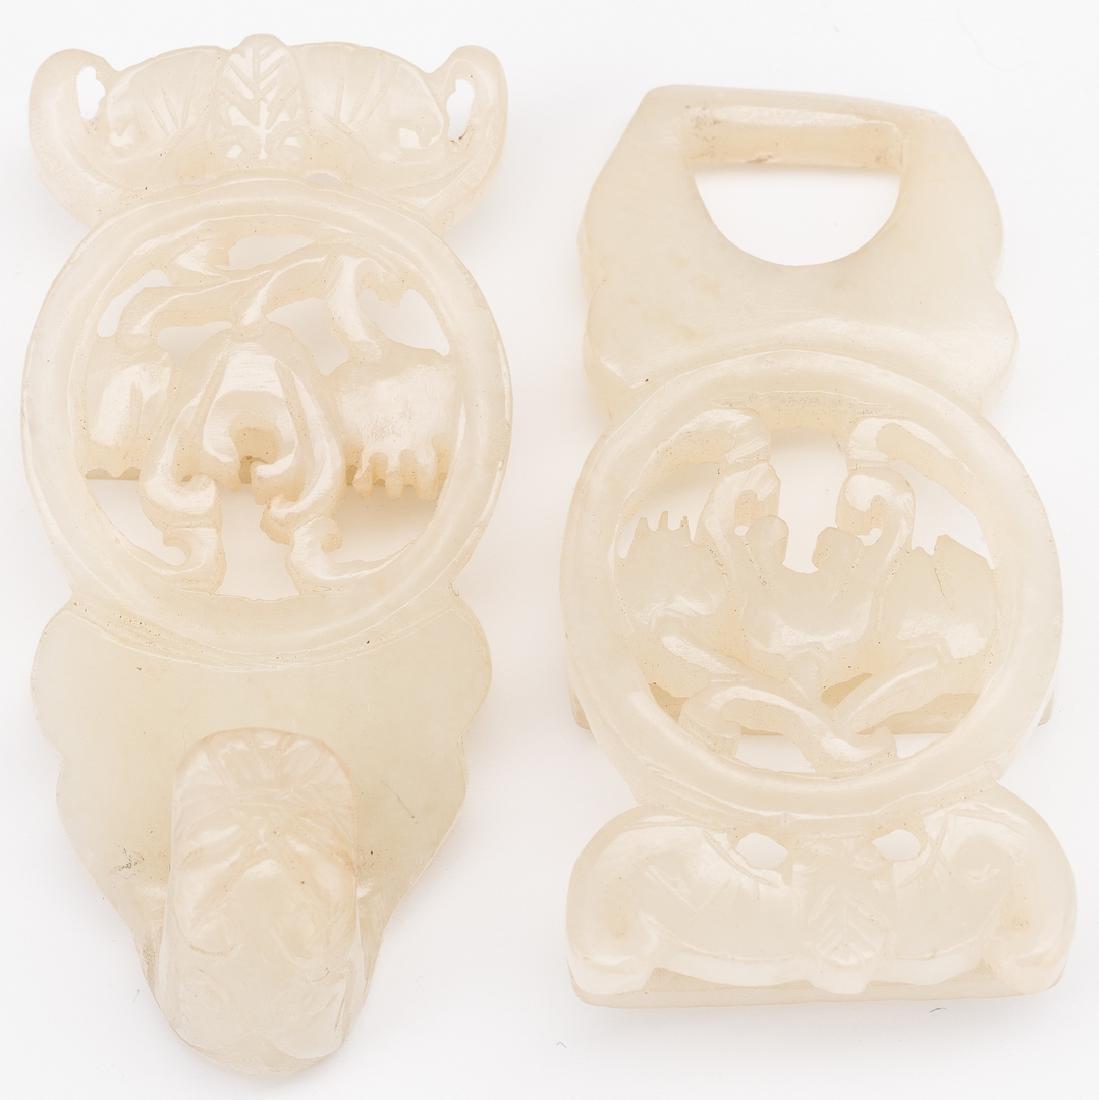 2 Chinese Celadon Jade Buckles - 10